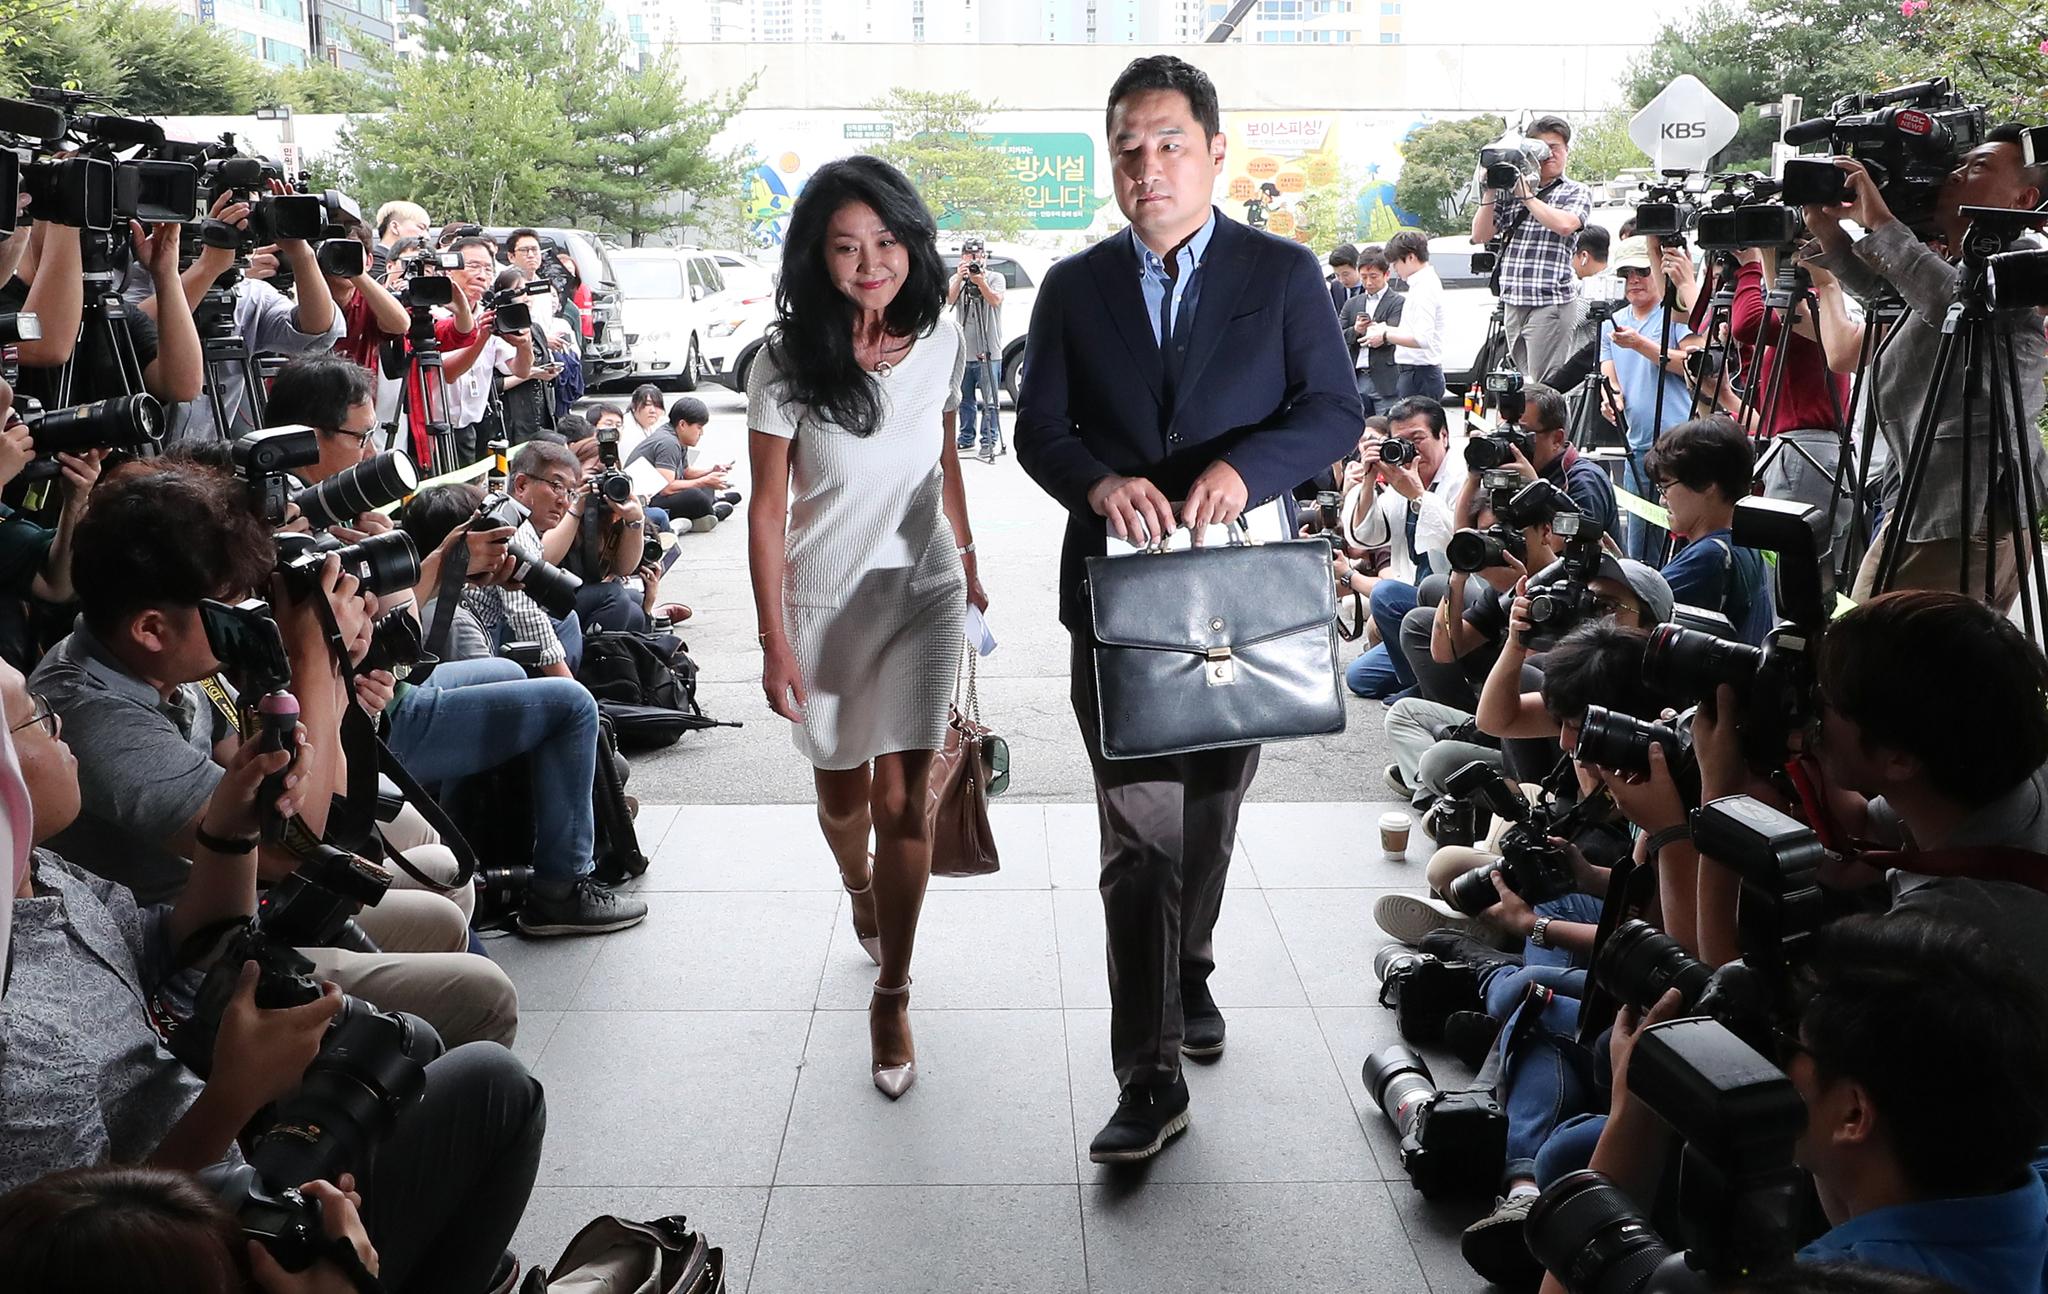 이재명 경기도지사의 '여배우 스캔들' 의혹을 제기한 배우 김부선 씨가 14일 오후 경기 성남 분당경찰서로 법률대리인 강용석 변호사와 함께 출석하고 있다. [뉴시스]